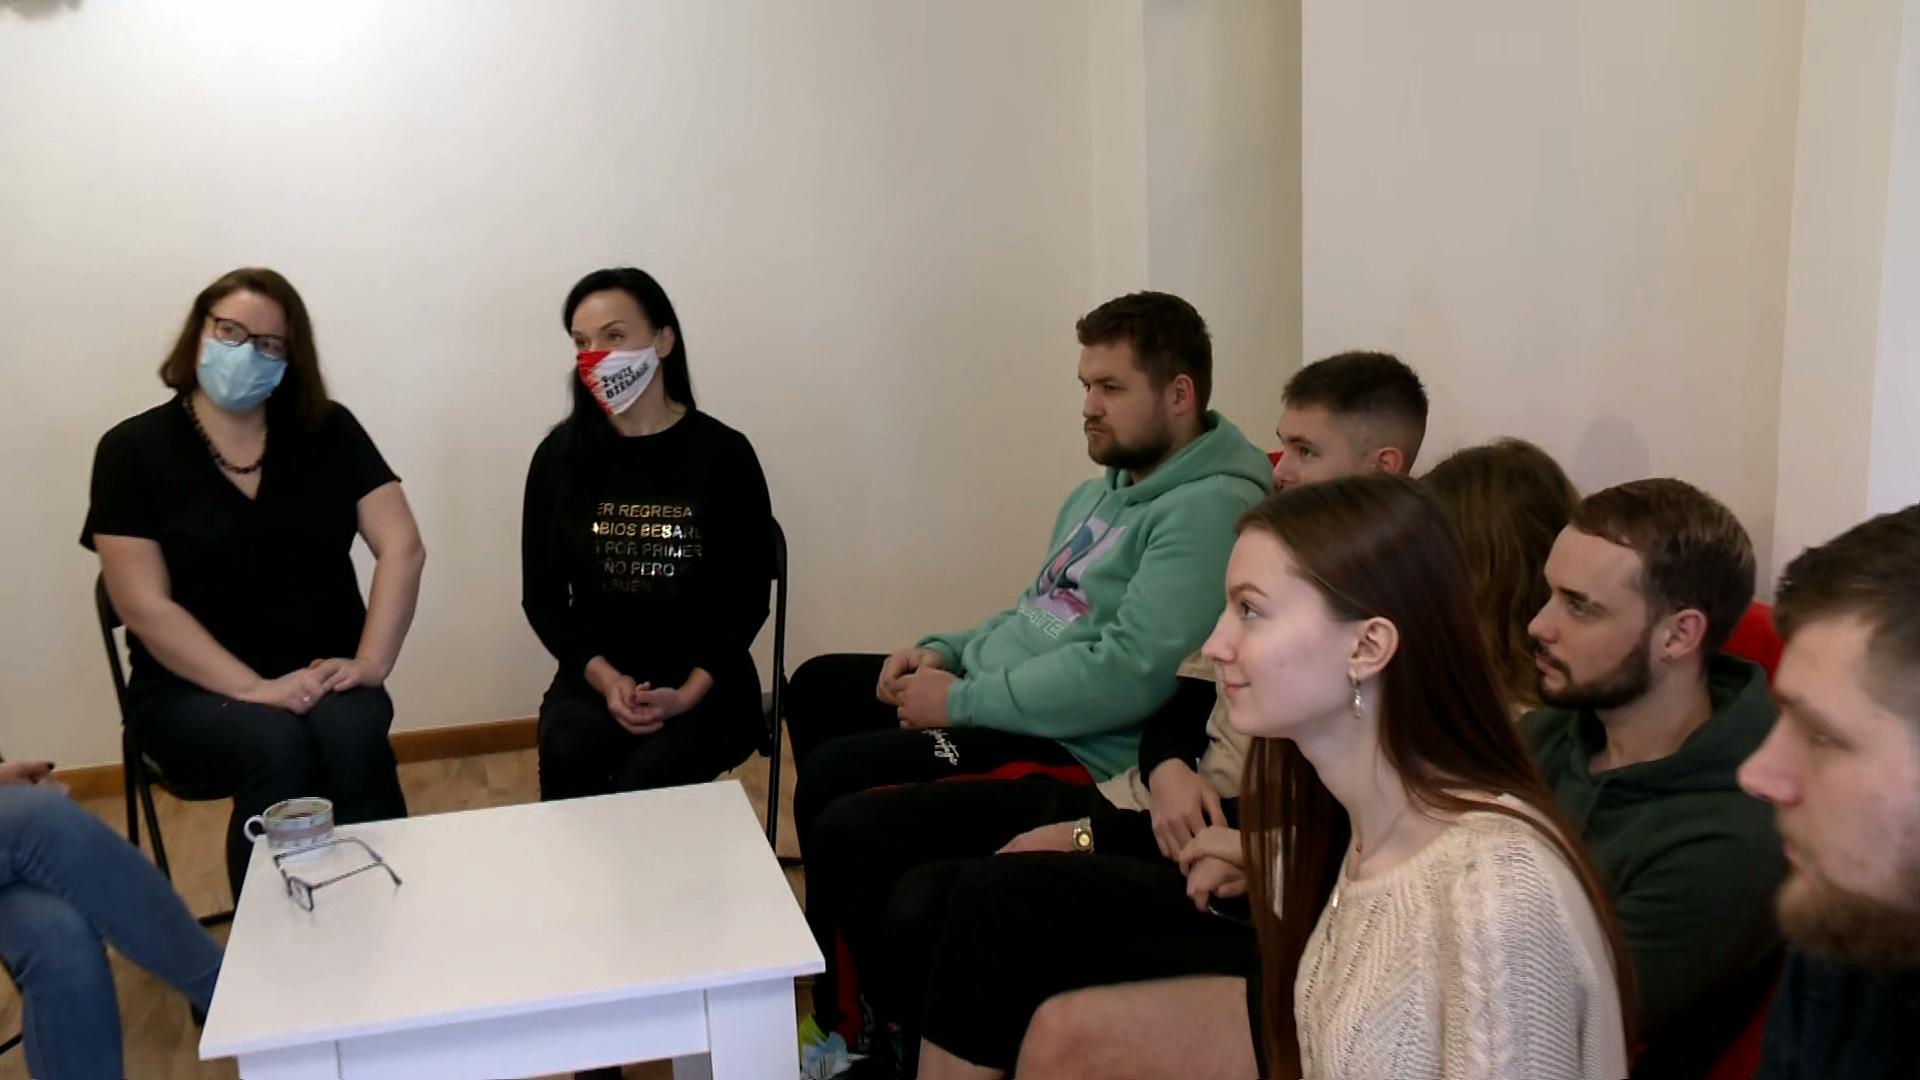 Otwarty dom dla Białorusinów w Białymstoku. Ze wsparcia korzystają już teraz głównie studenci